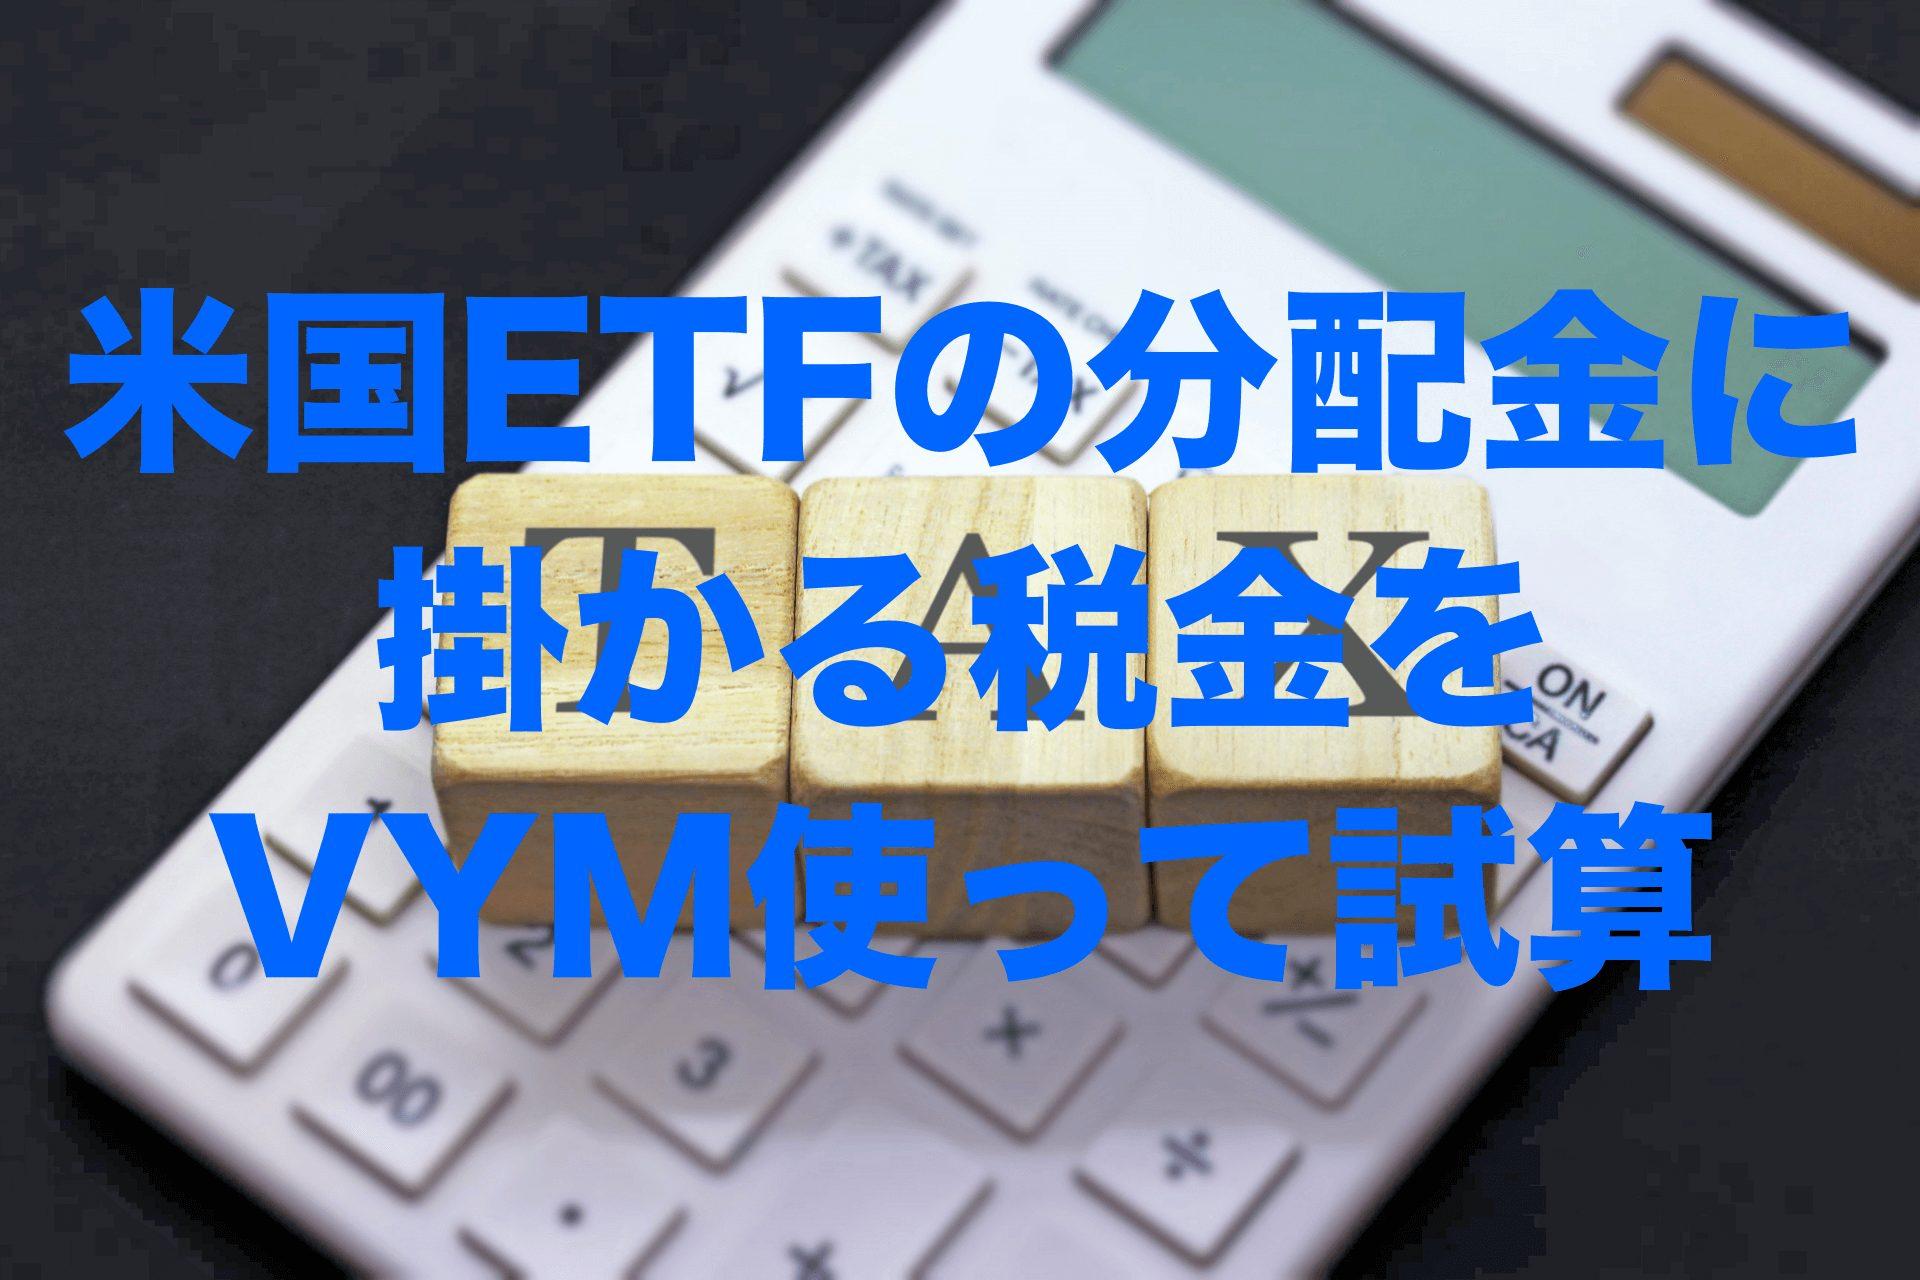 米国ETFの分配金に掛かる税金をVYM使って試算